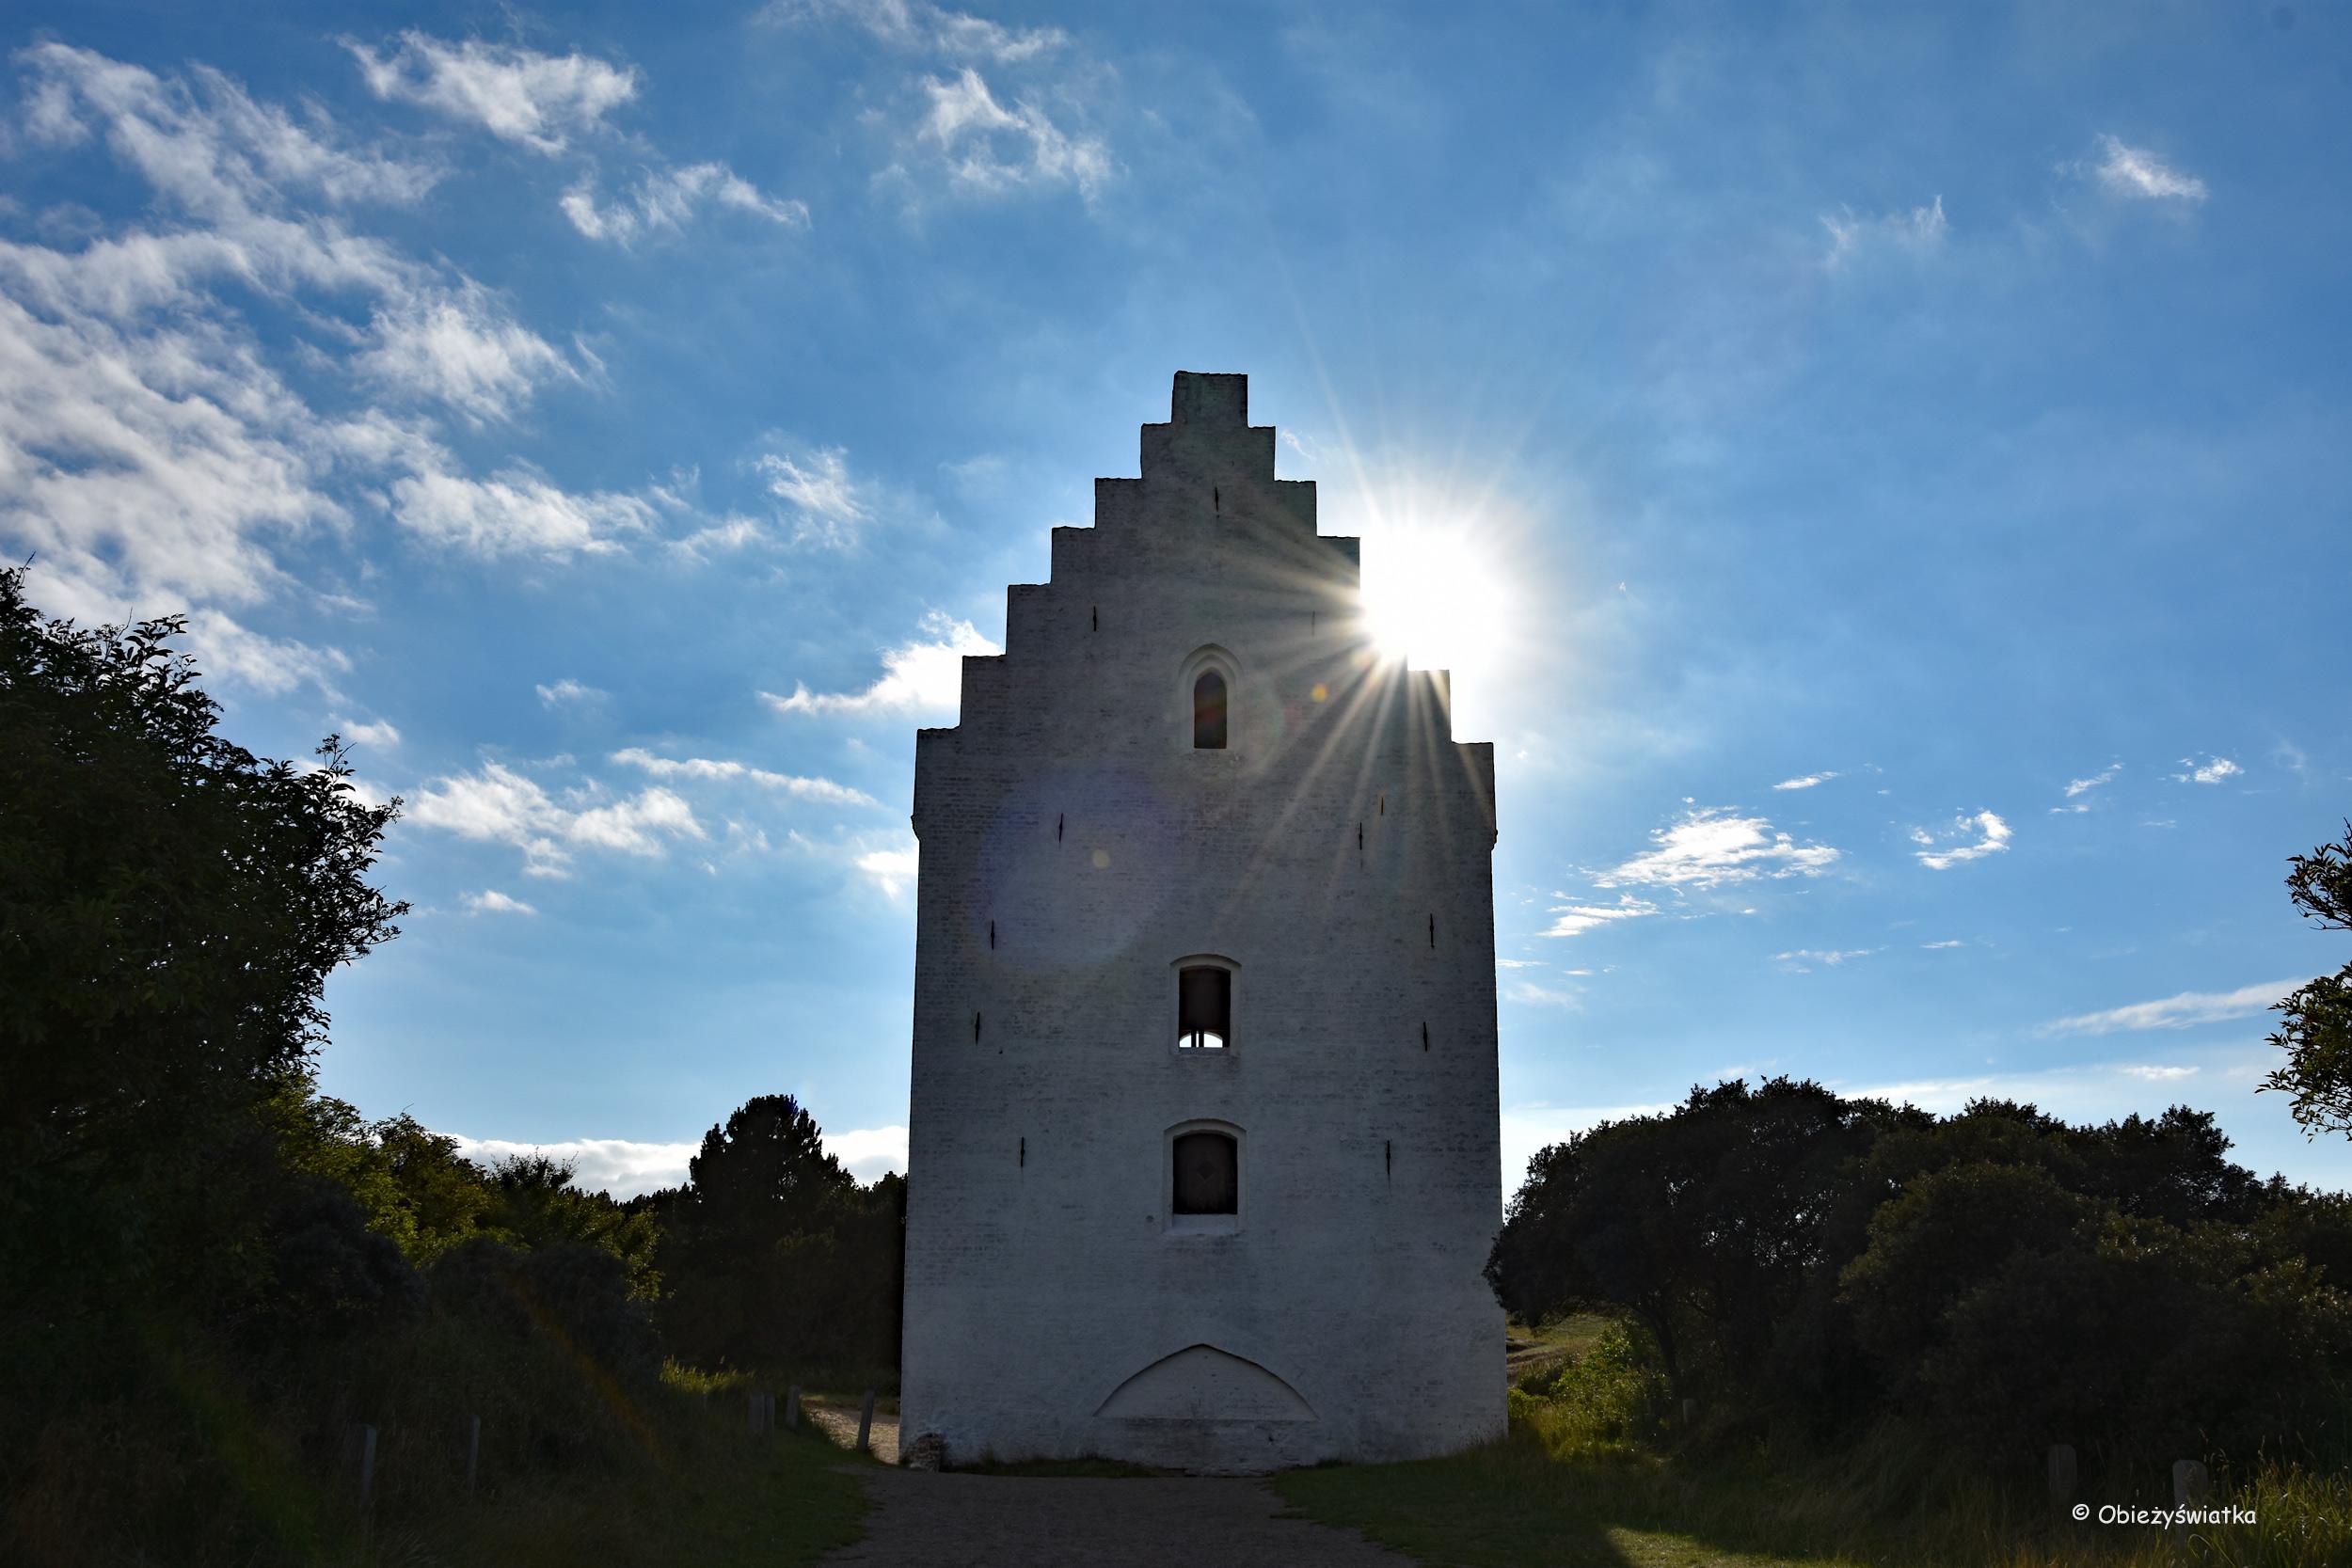 Kościół pod piaskiem w Skagen - świadek historii